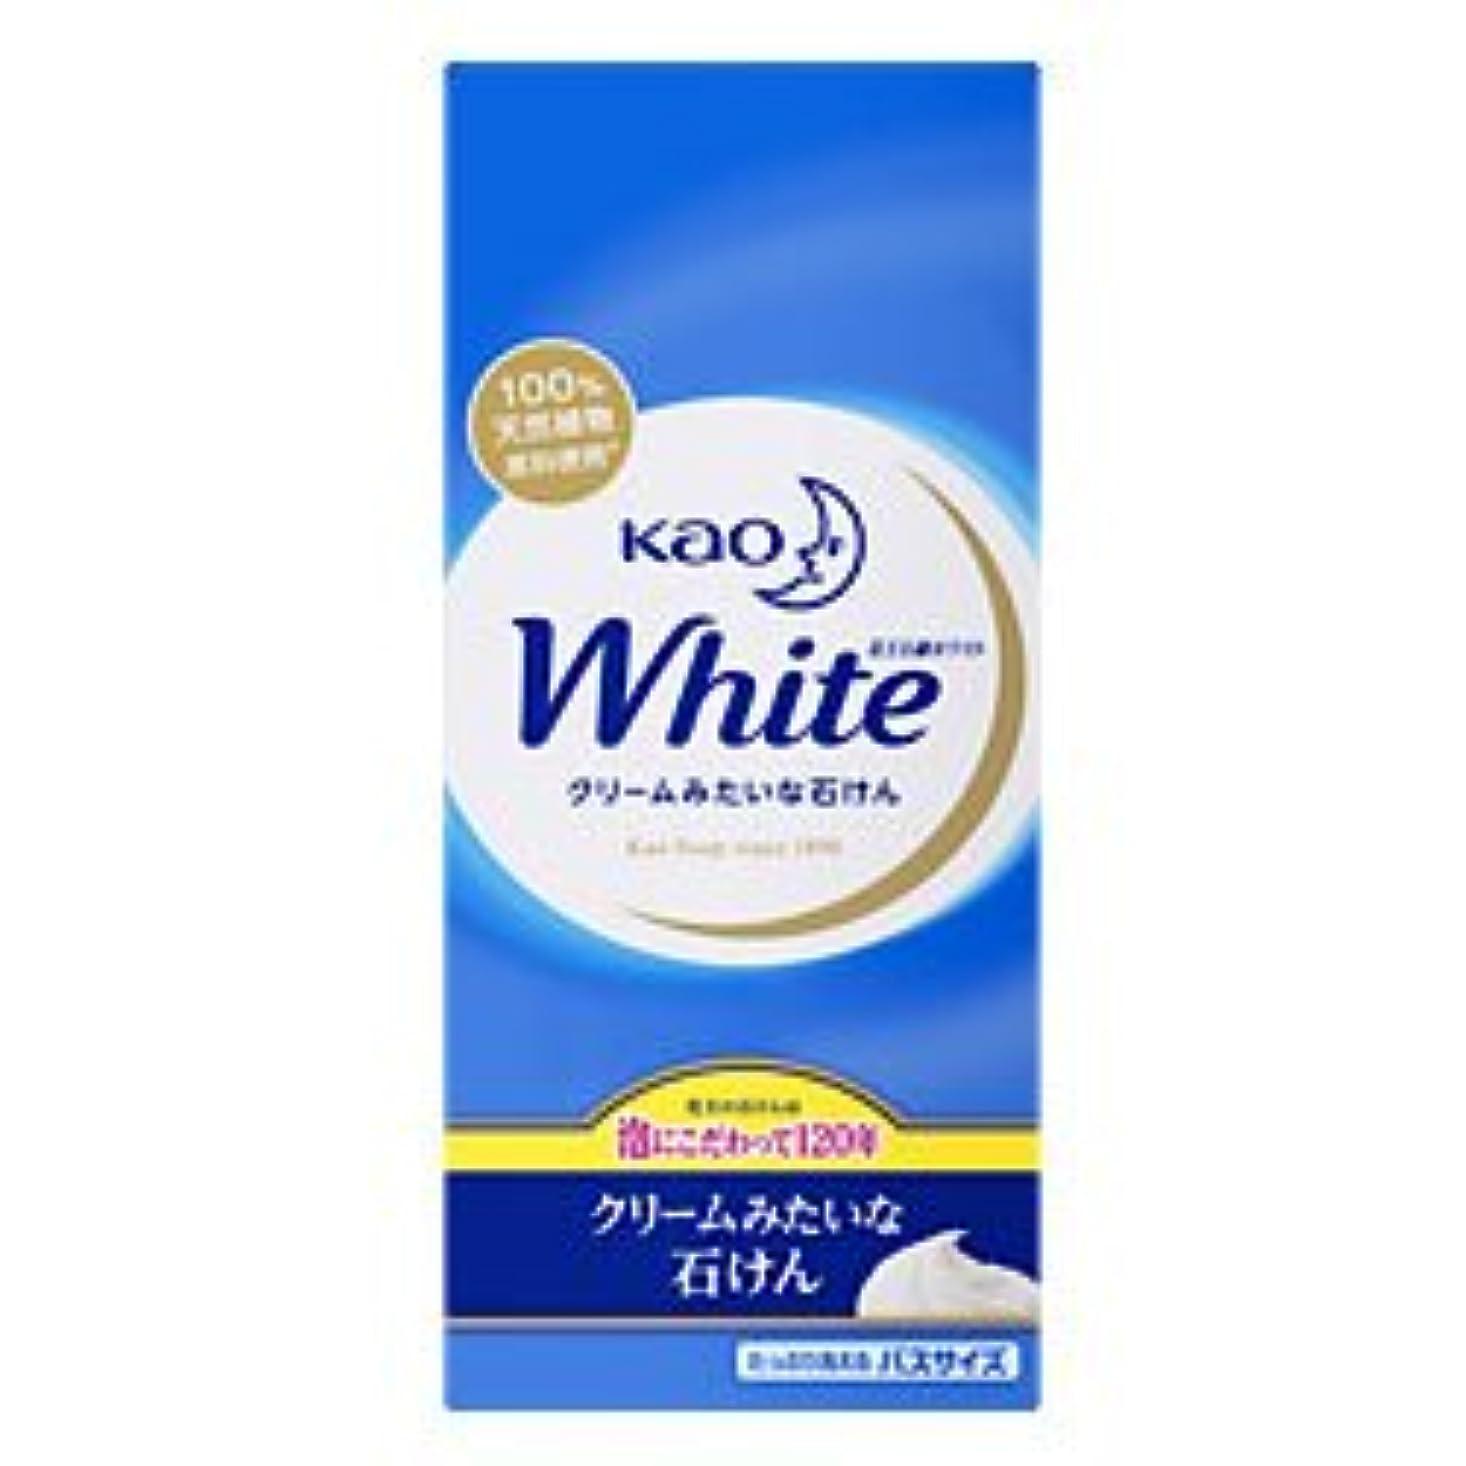 ナインへサドル別々に【花王】花王ホワイト バスサイズ 130g×6個 ×20個セット